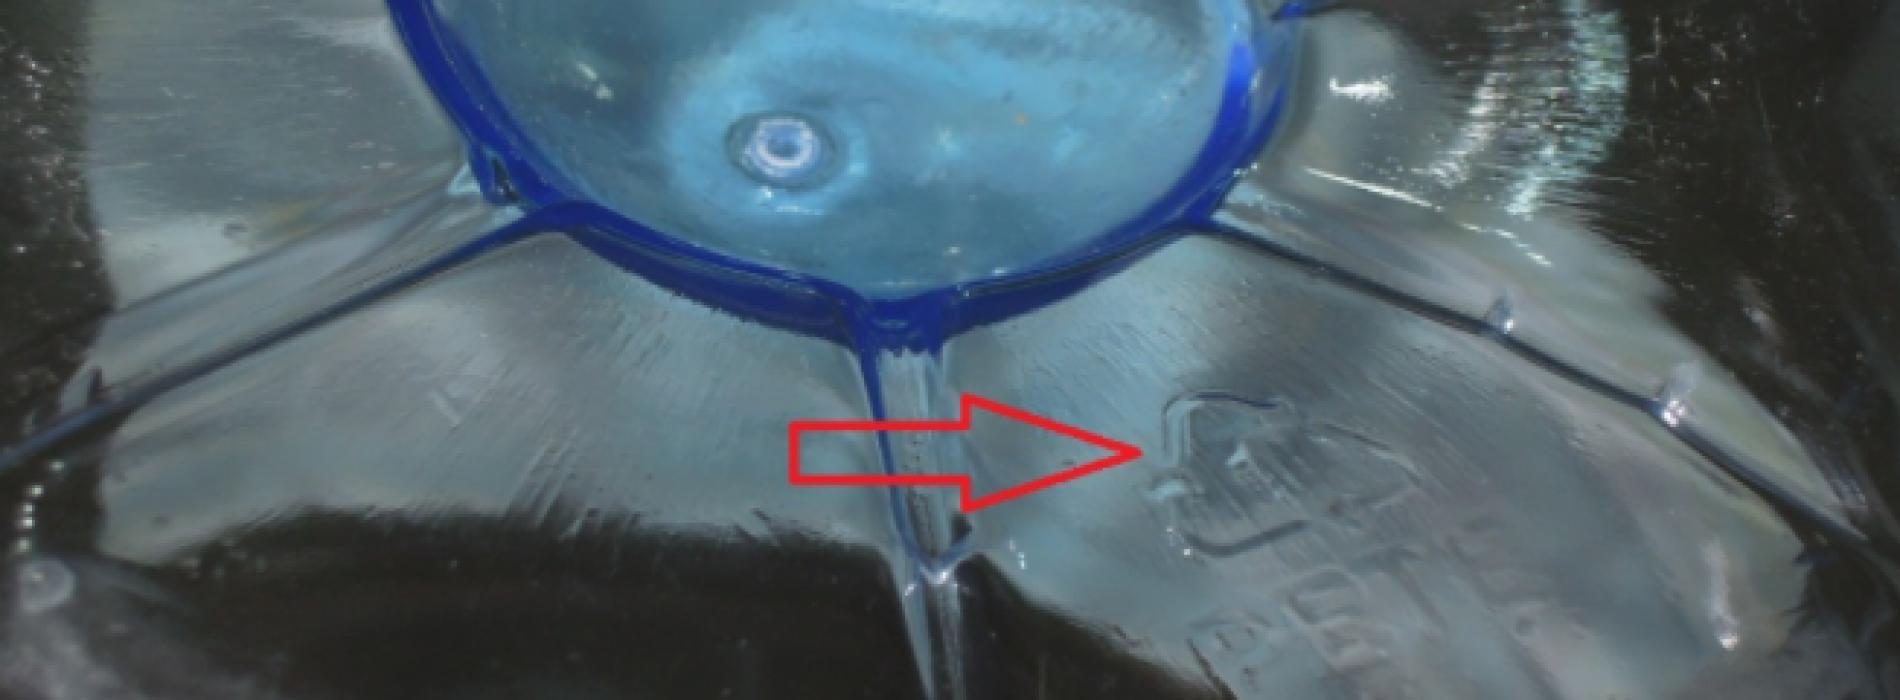 DIT is de reden dat je de onderkant van een plastic flesje moet bekijken! Ik ben geschokt!